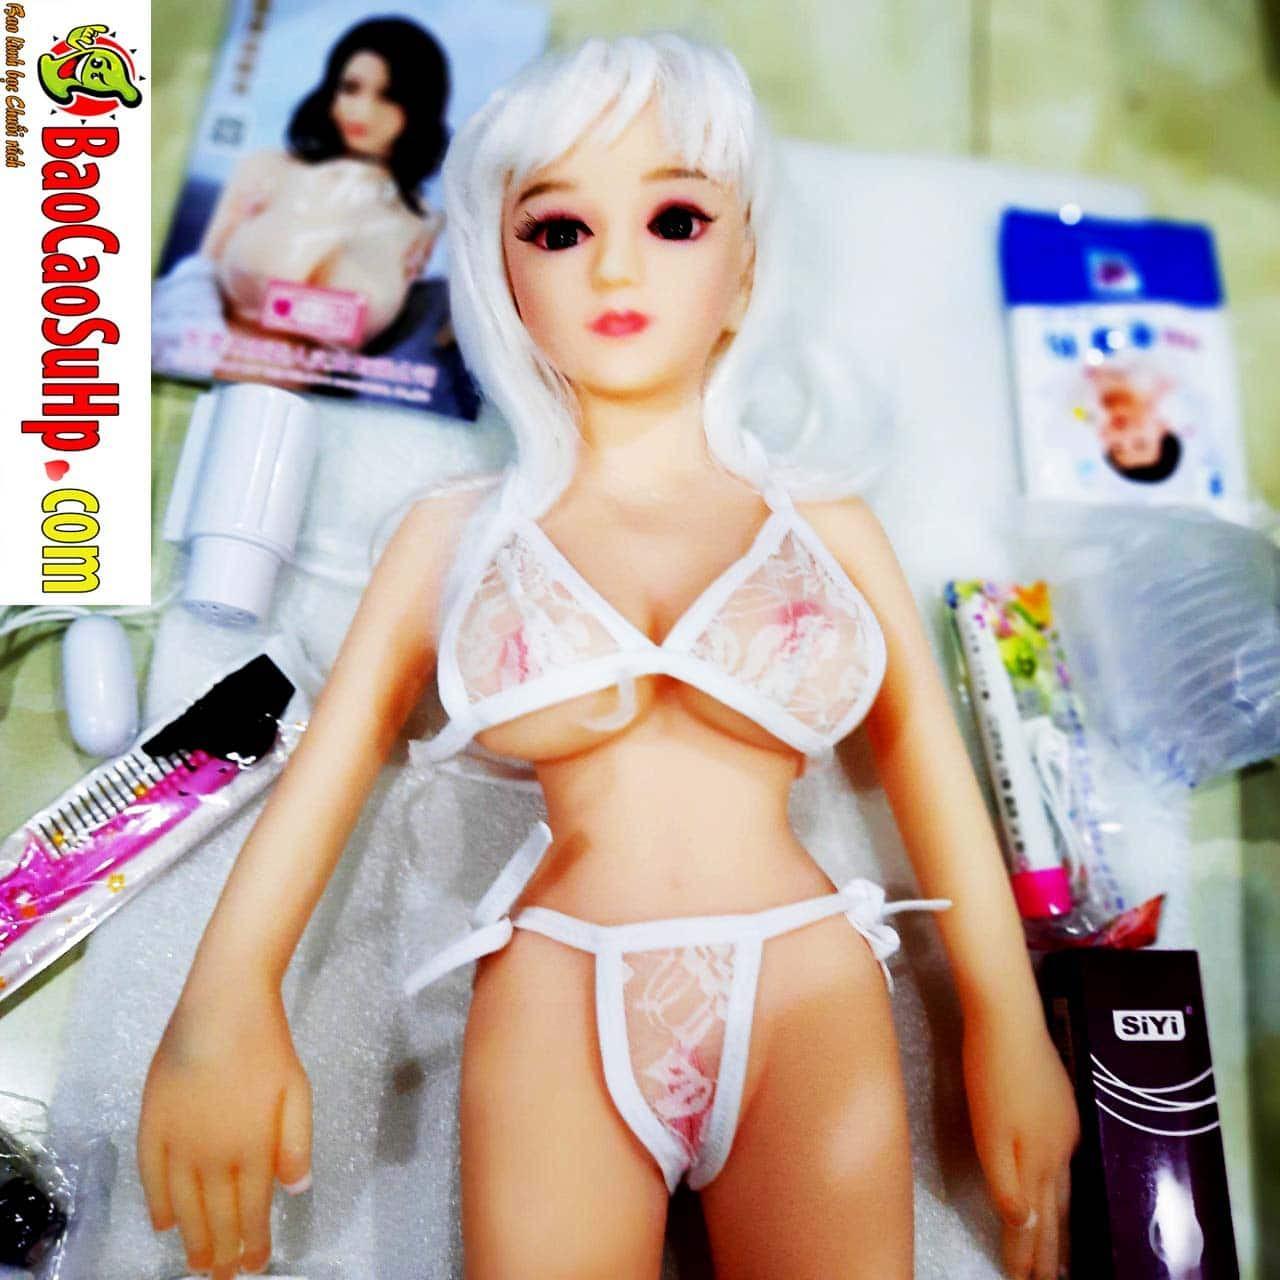 20200515225911 7986173 bup be tinh duc loli baby 2020 jiuai de thuong kute - Búp bê tình dục siêu đẹp giá cực tốt hàng về 15.05.2020